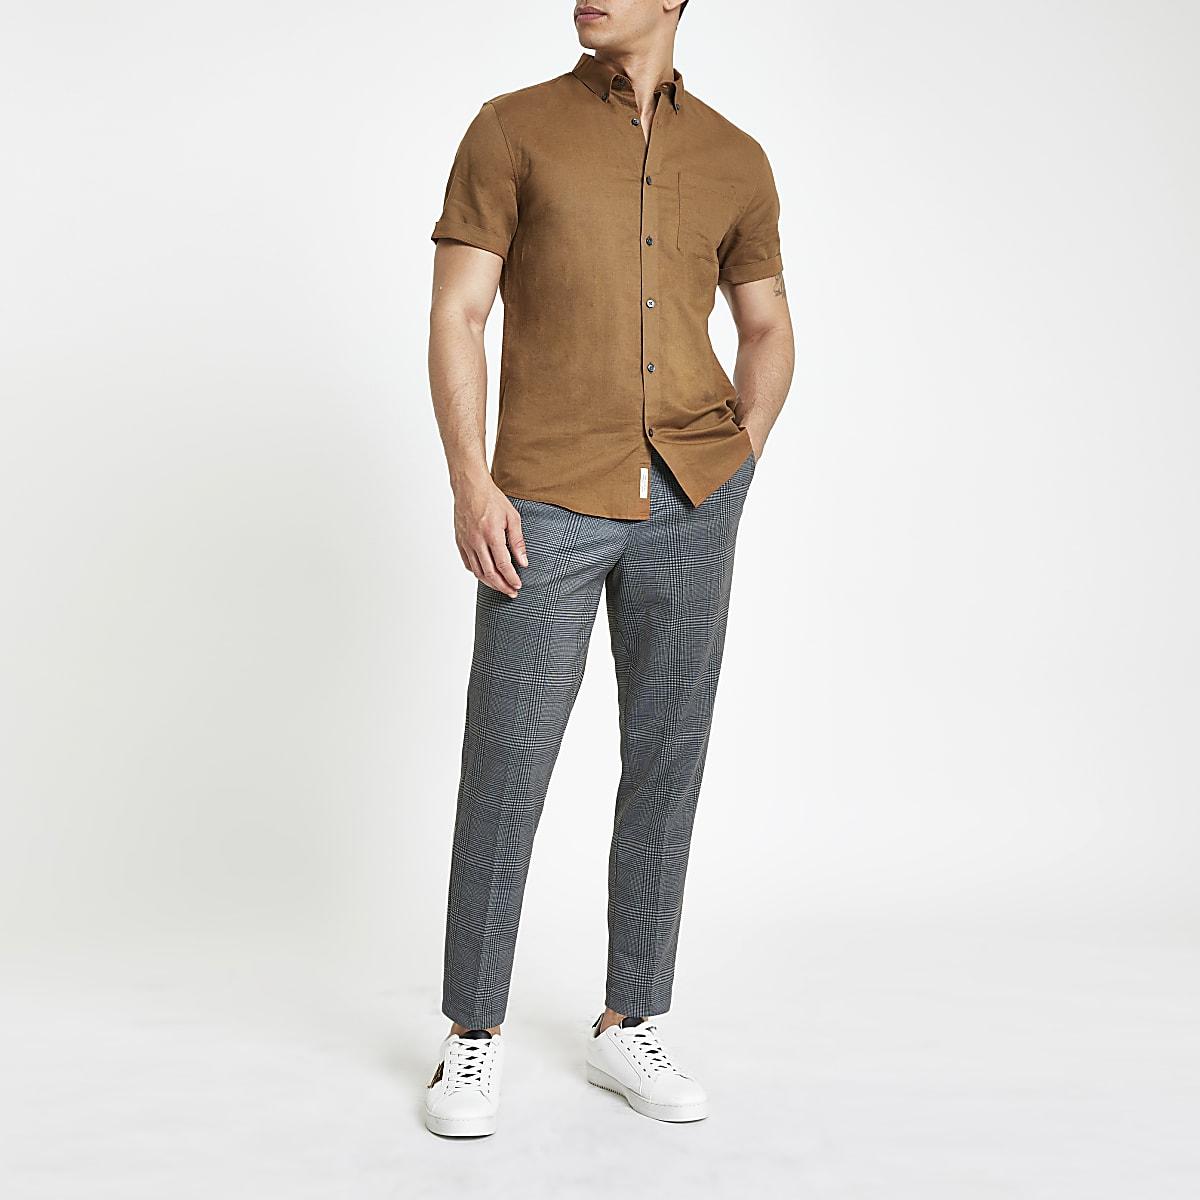 Chemise en lin marron à manches courtes